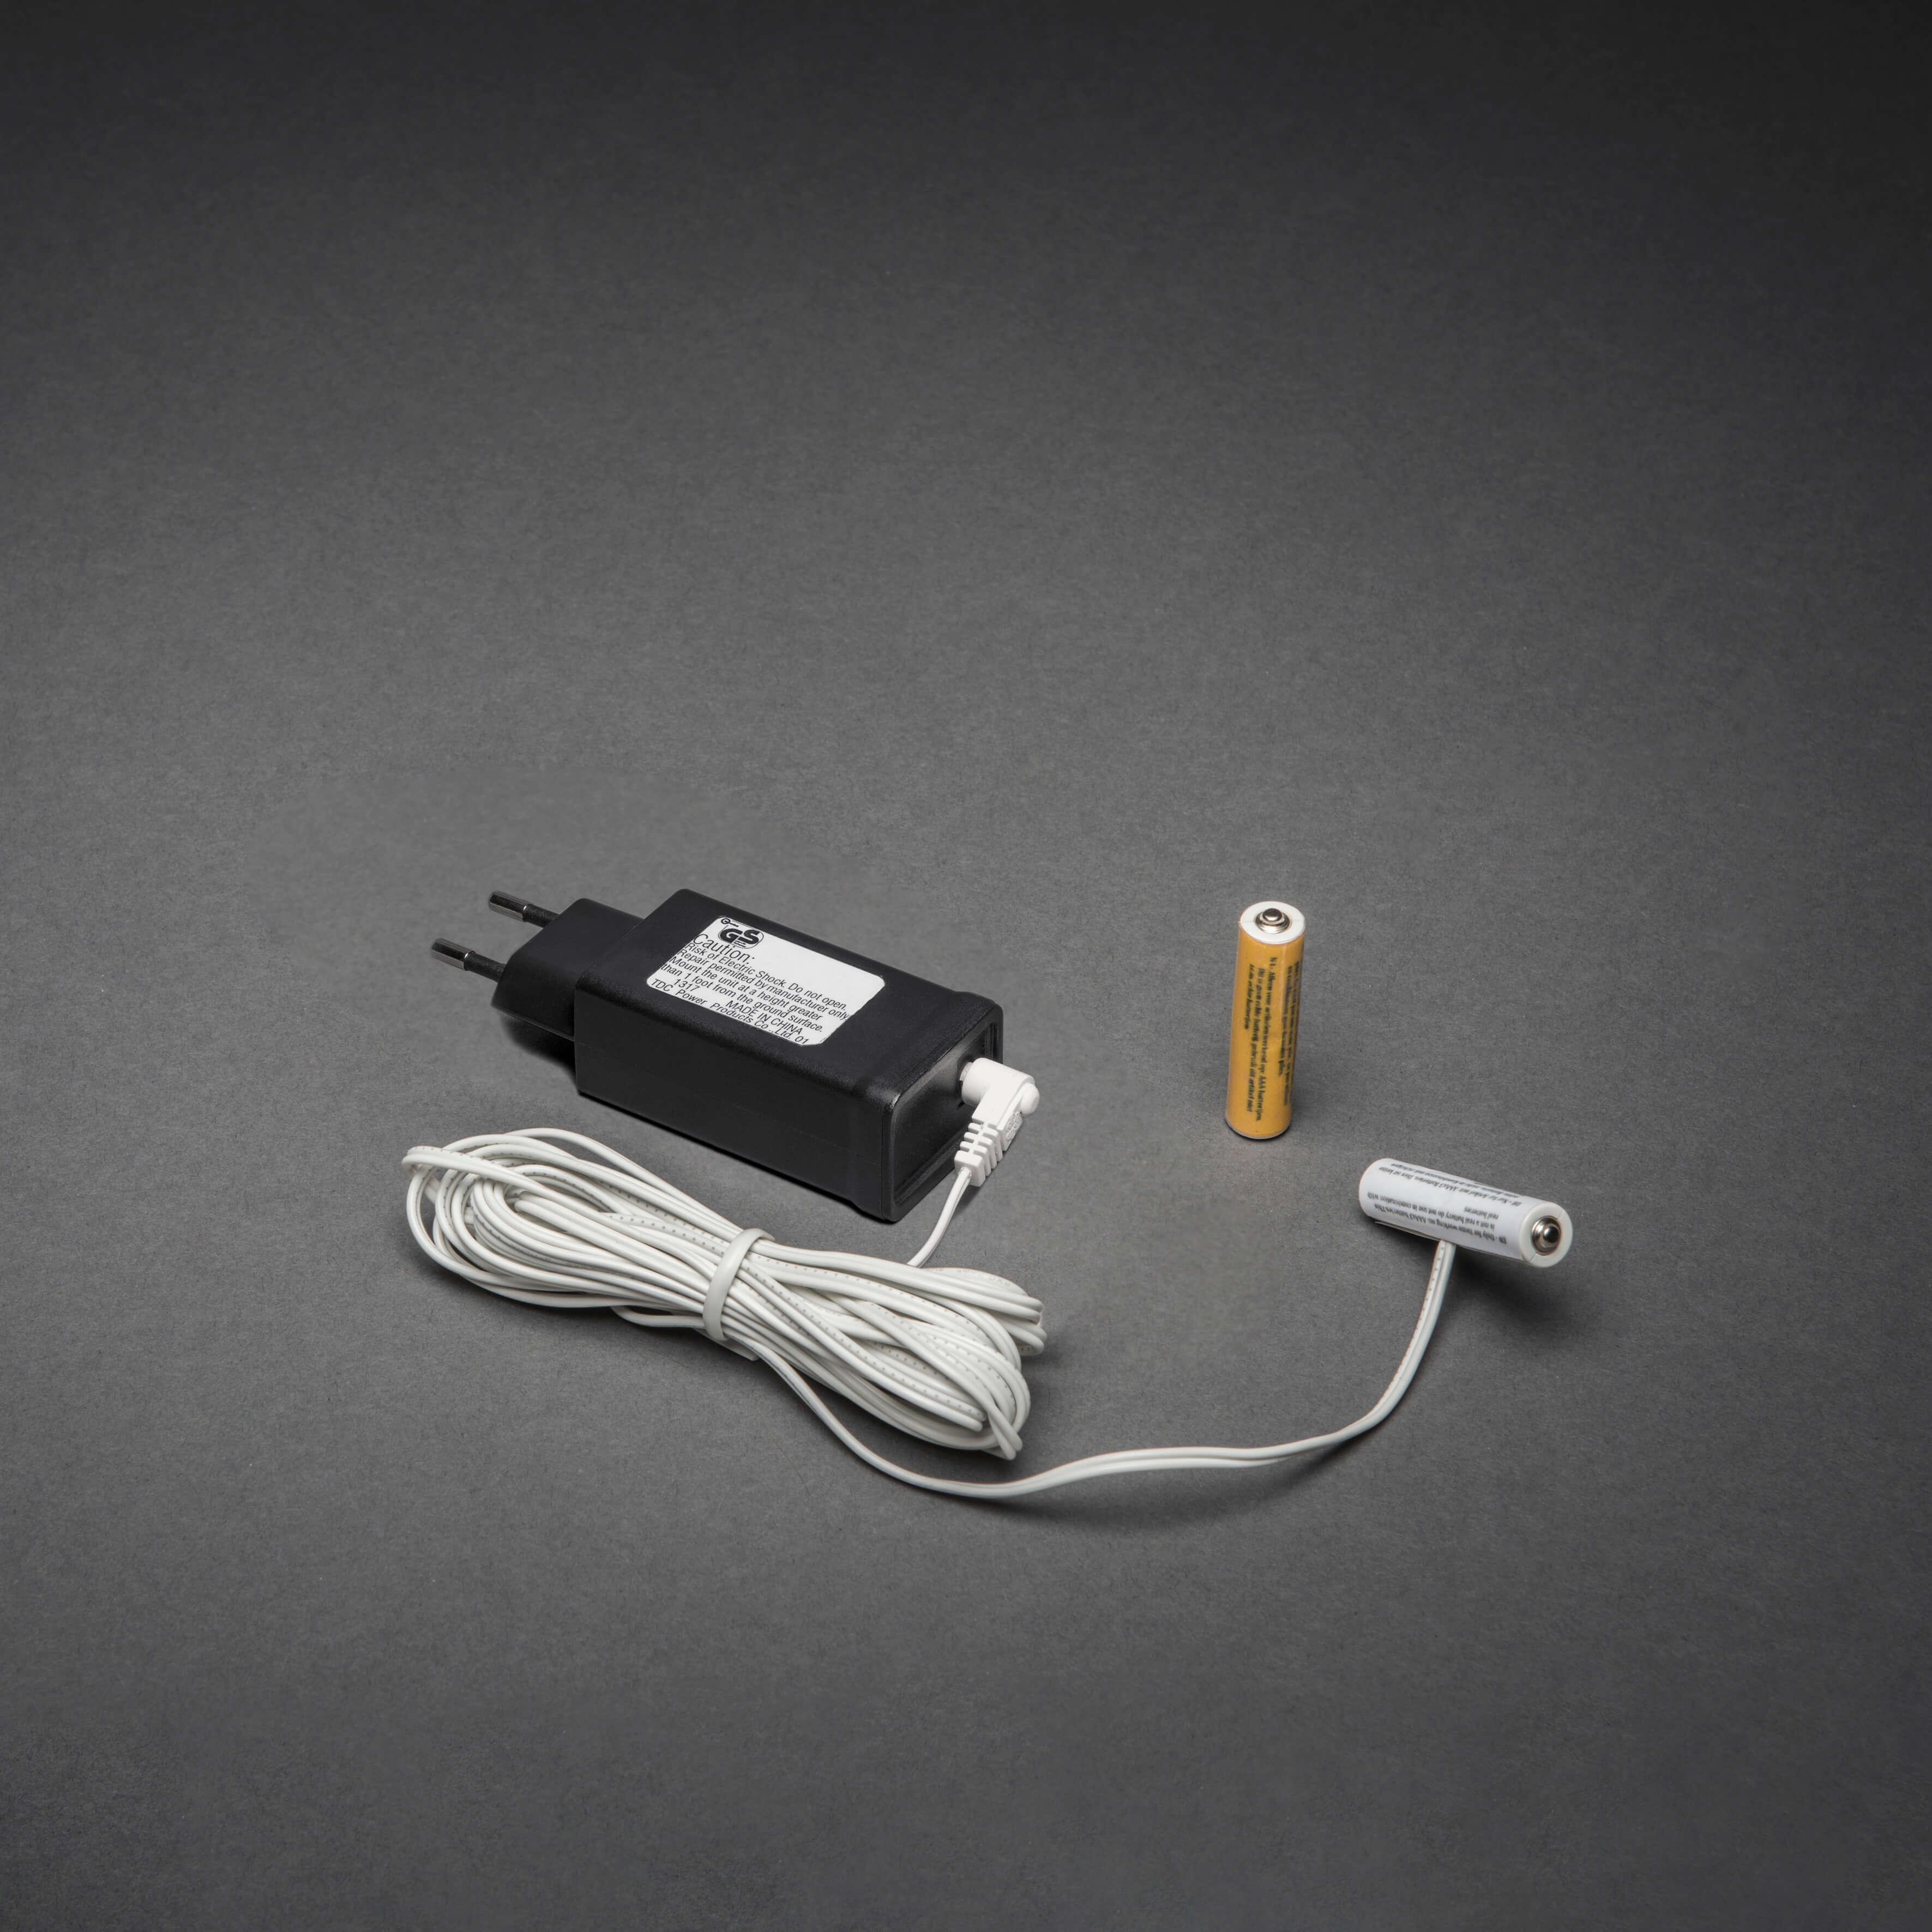 Netzadapter Konstsmide 5152-000